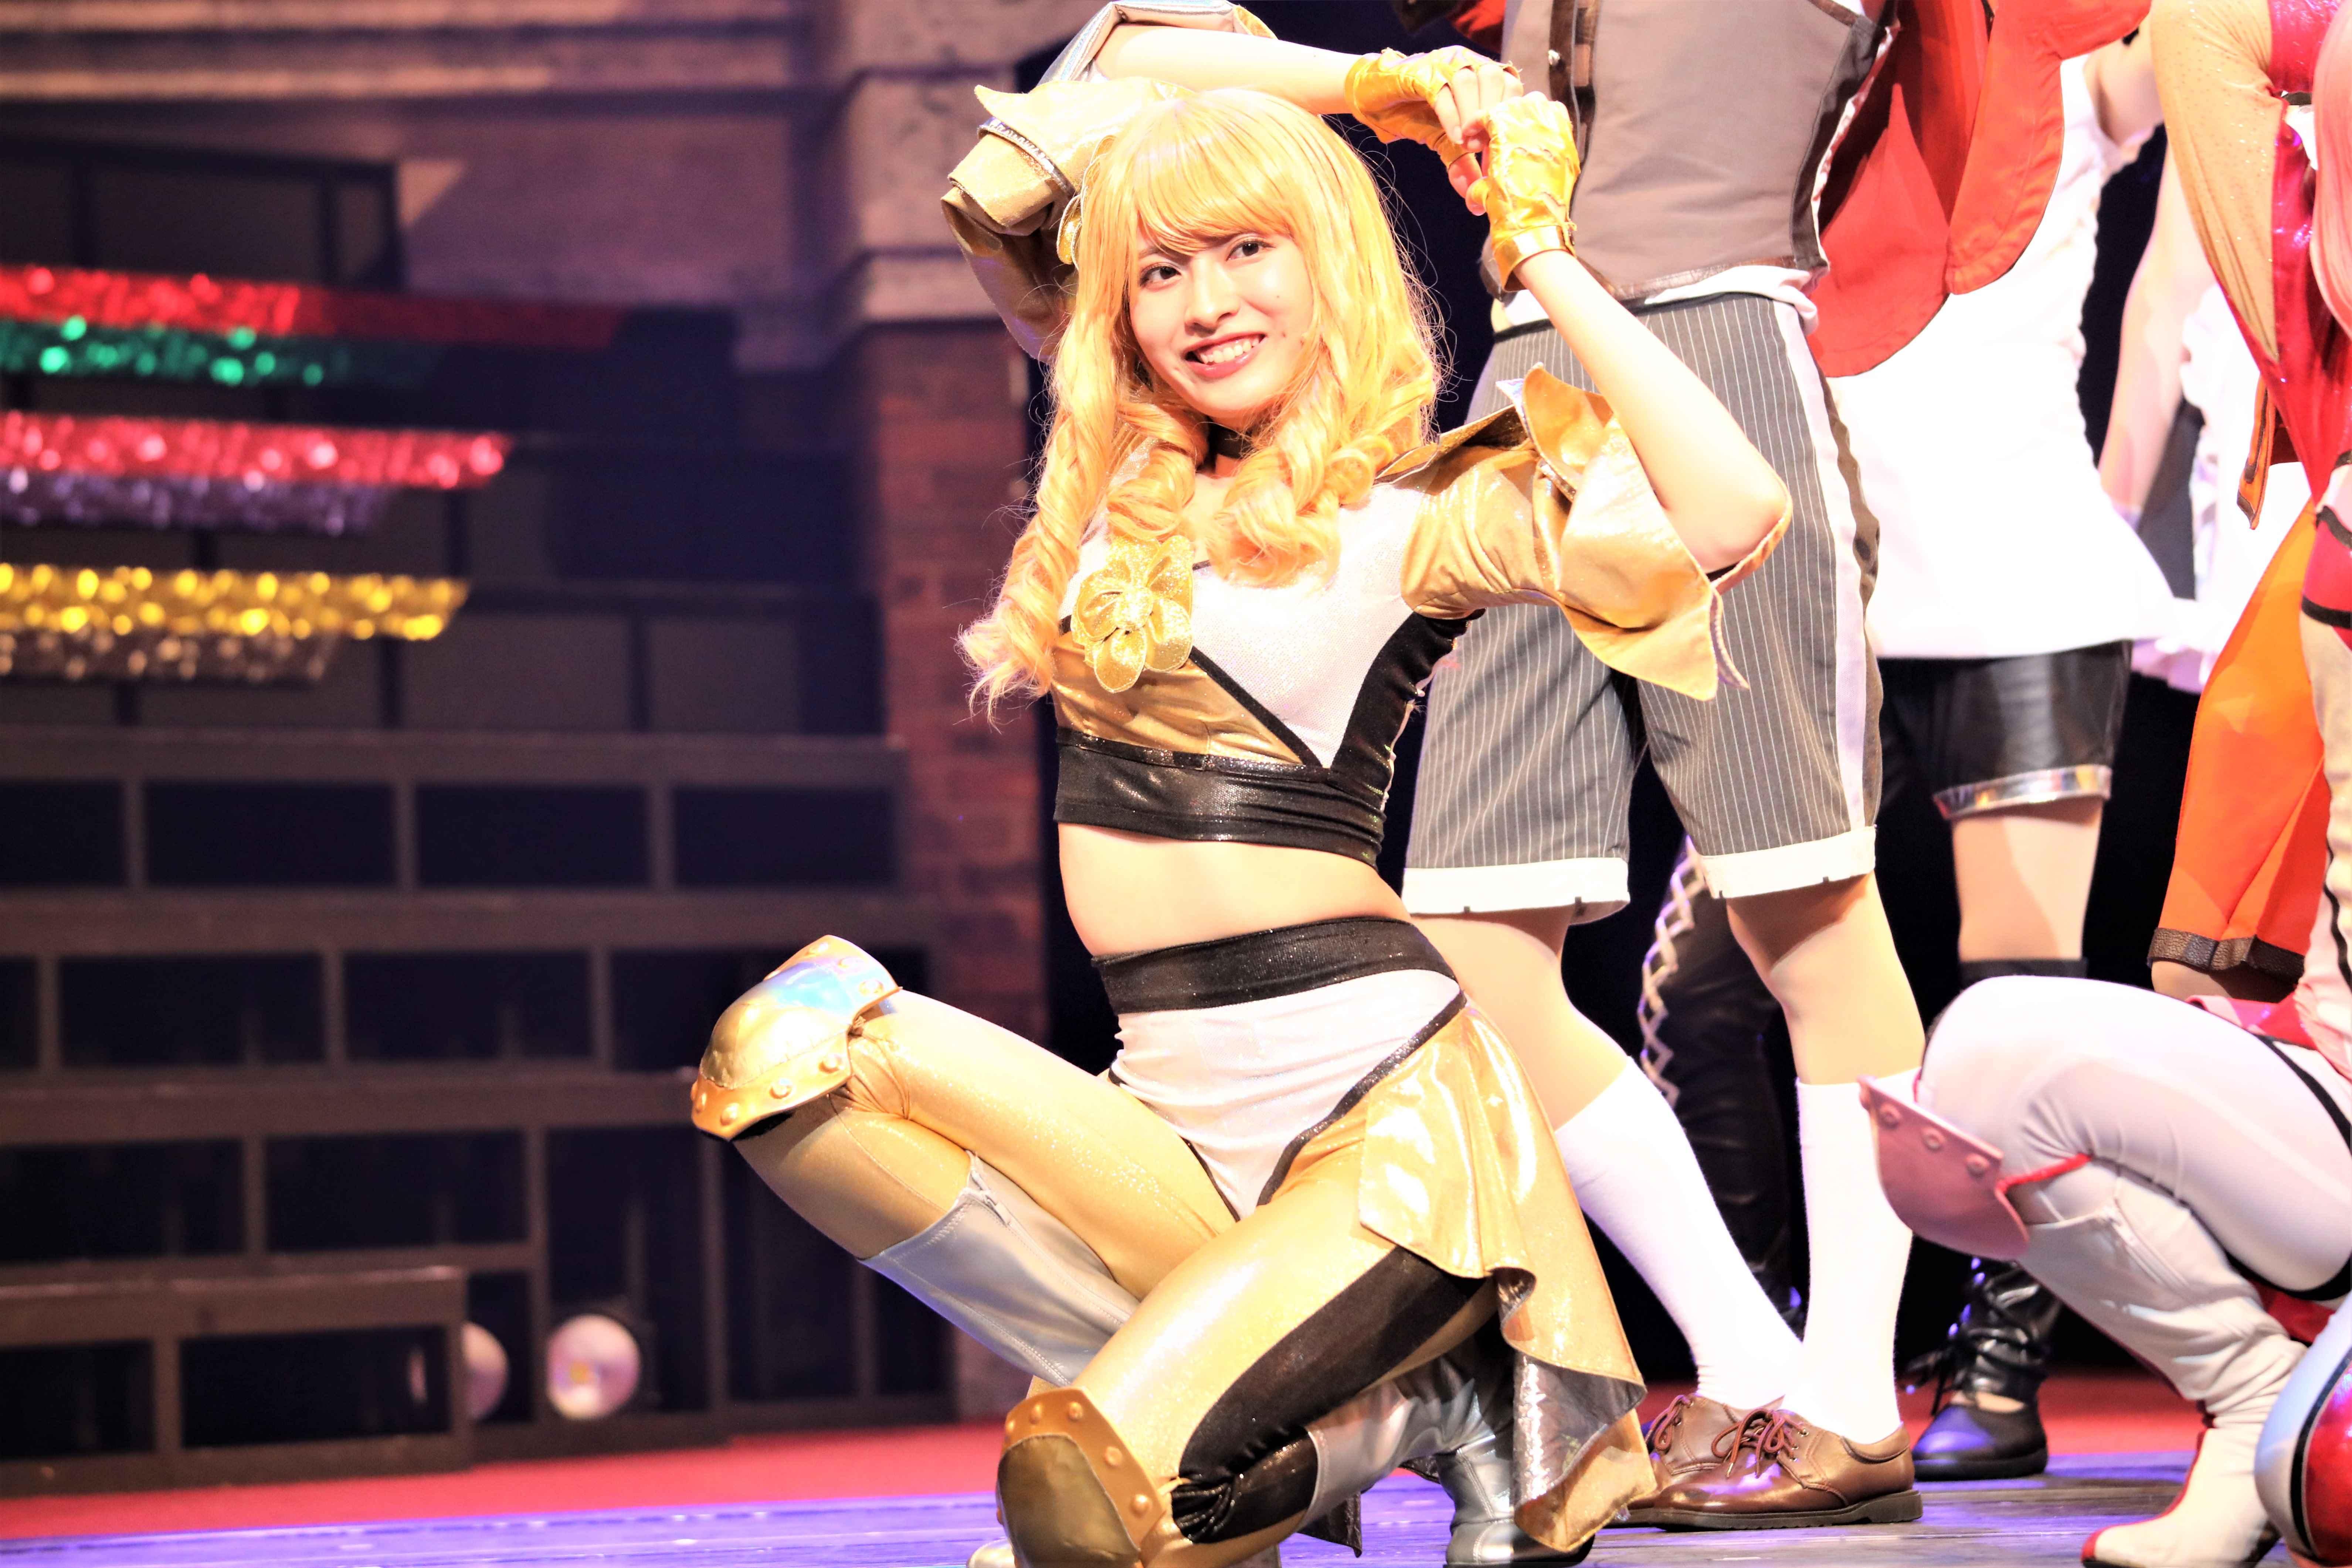 ライブパートでのラブリーハニー ©永井豪/ダイナミック企画・舞台「Cutie Honey Climax」製作委員会 無断アップロード及び転送は一切禁止です。